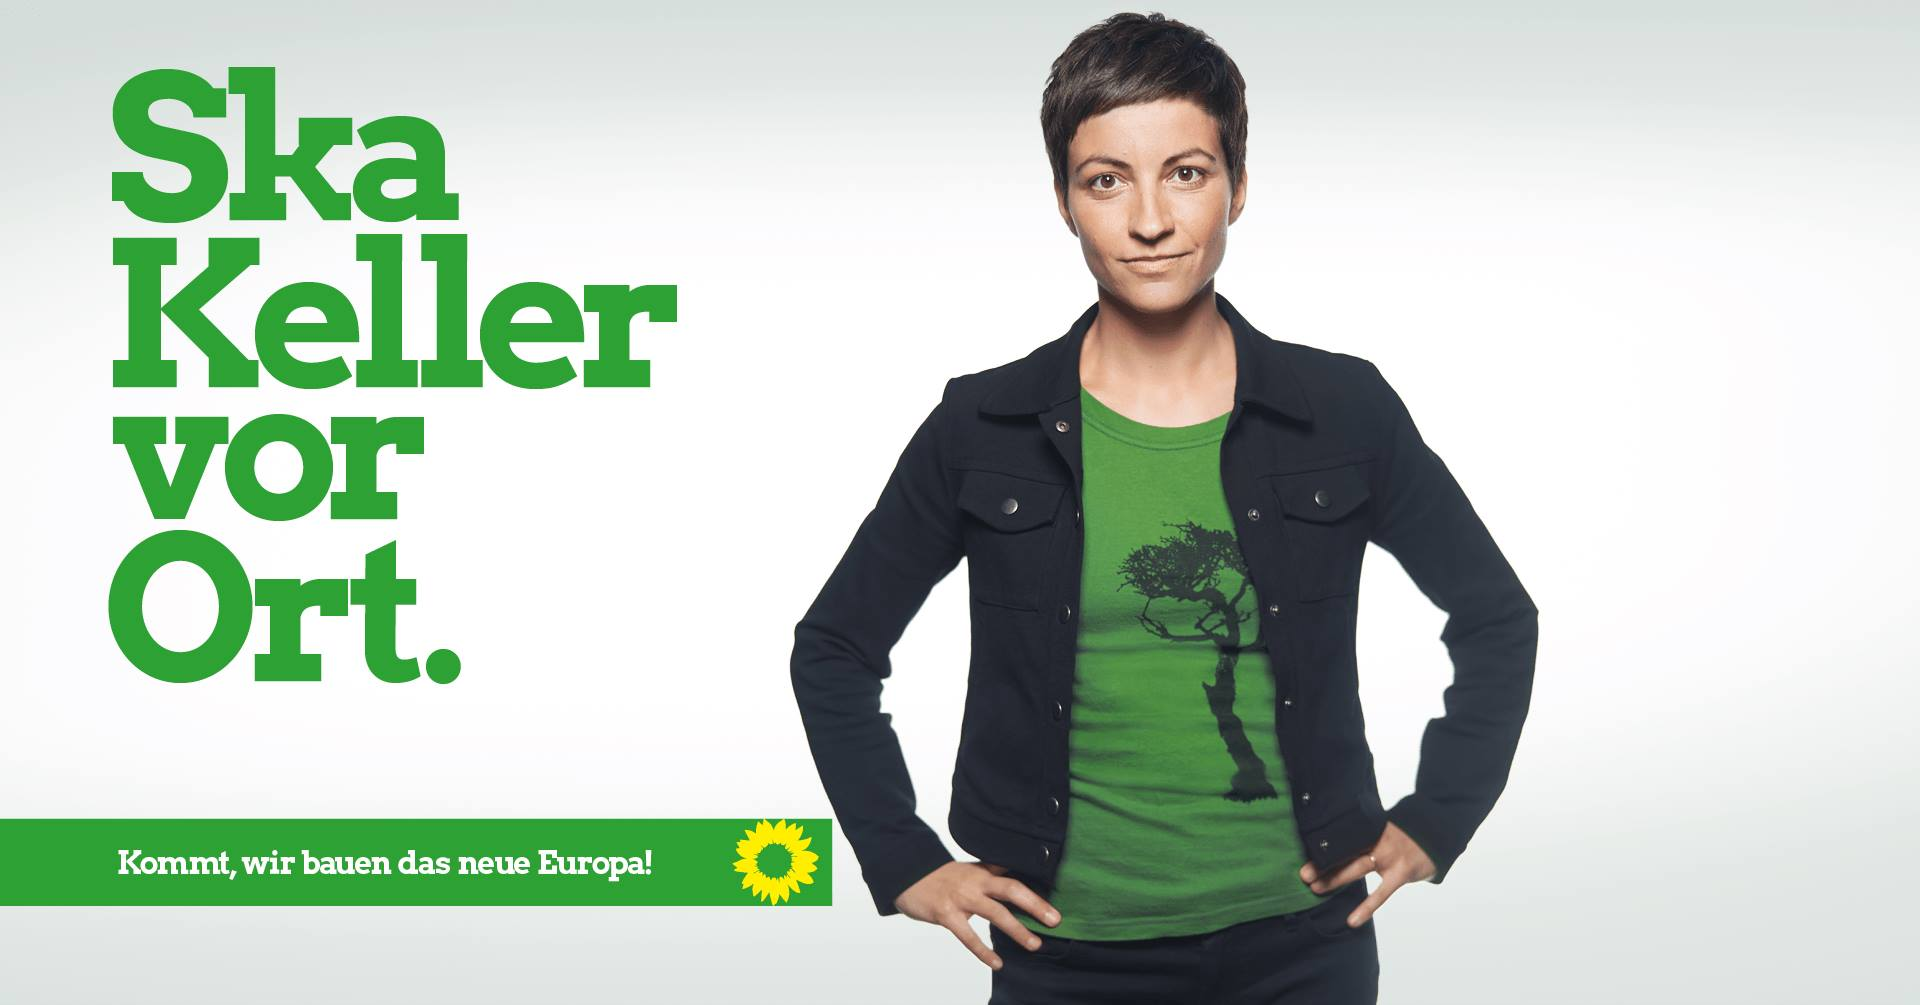 Ska Keller in Karlsruhe – Stell der grünen Spitzenkandidatin deine Fragen!